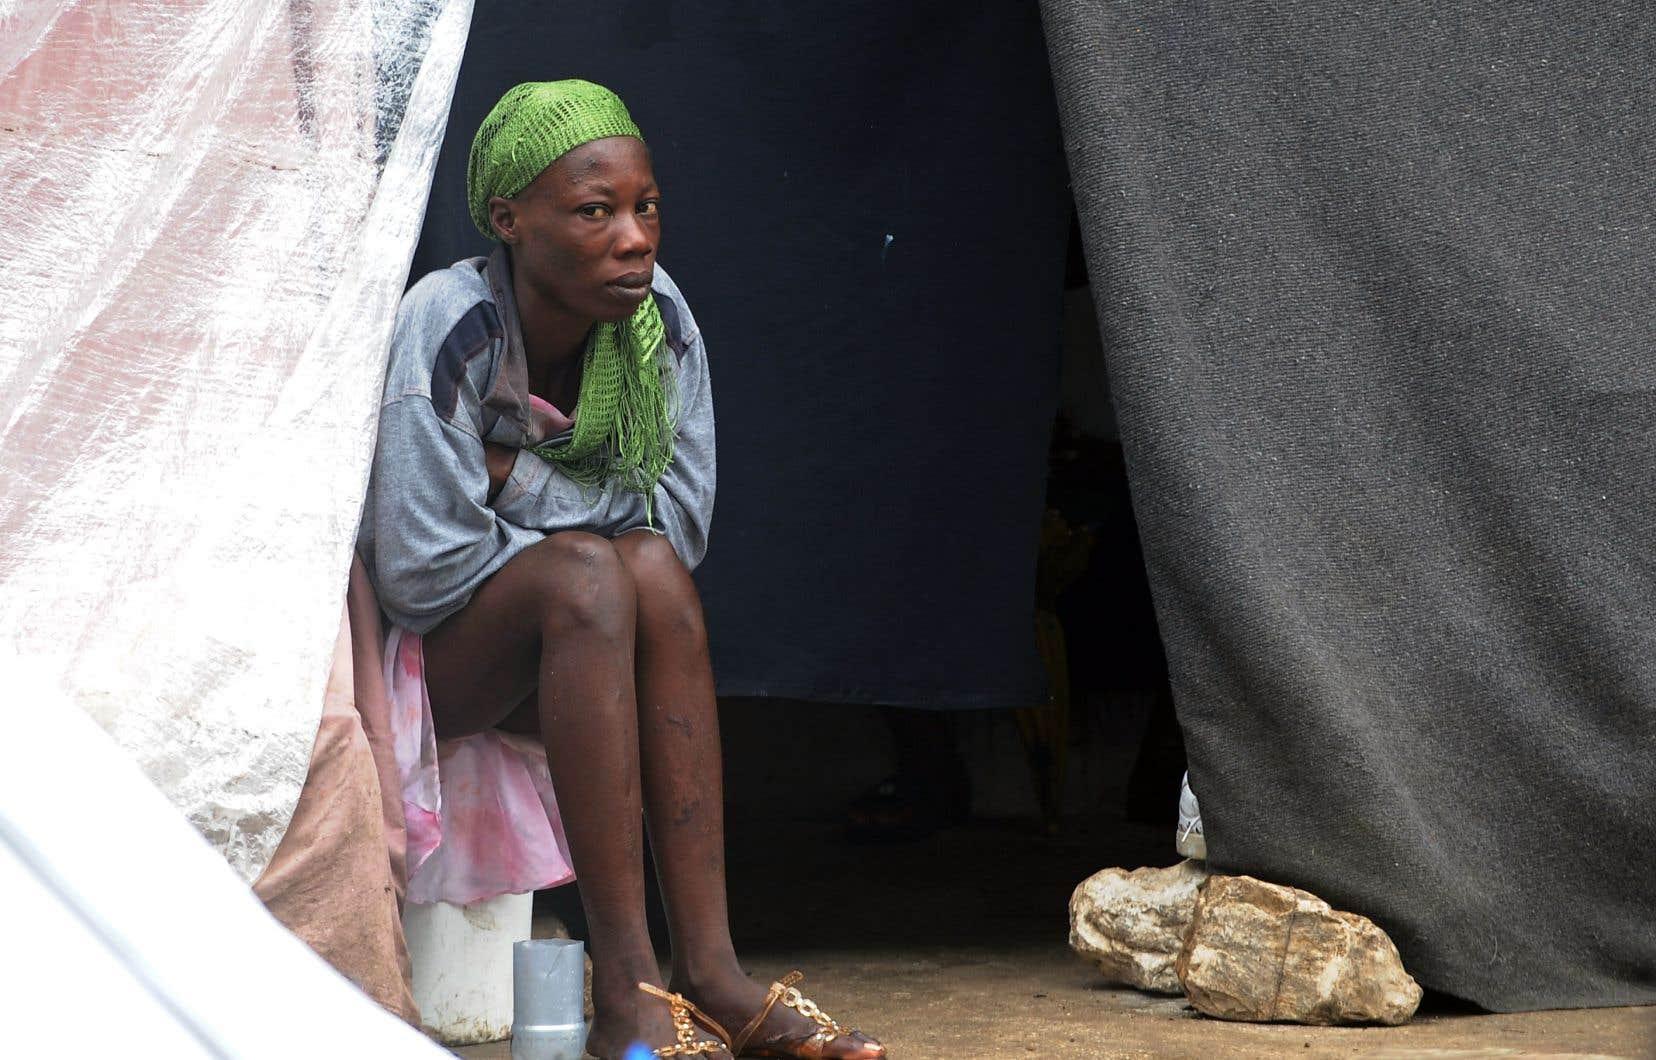 Après le tremblement de terre de 2010, les organisations humanitaires se sont précipitées vers Haïti. Parmi elles, Oxfam Grande-Bretagne, aujourd'hui empêtrée dans des scandales sexuels.